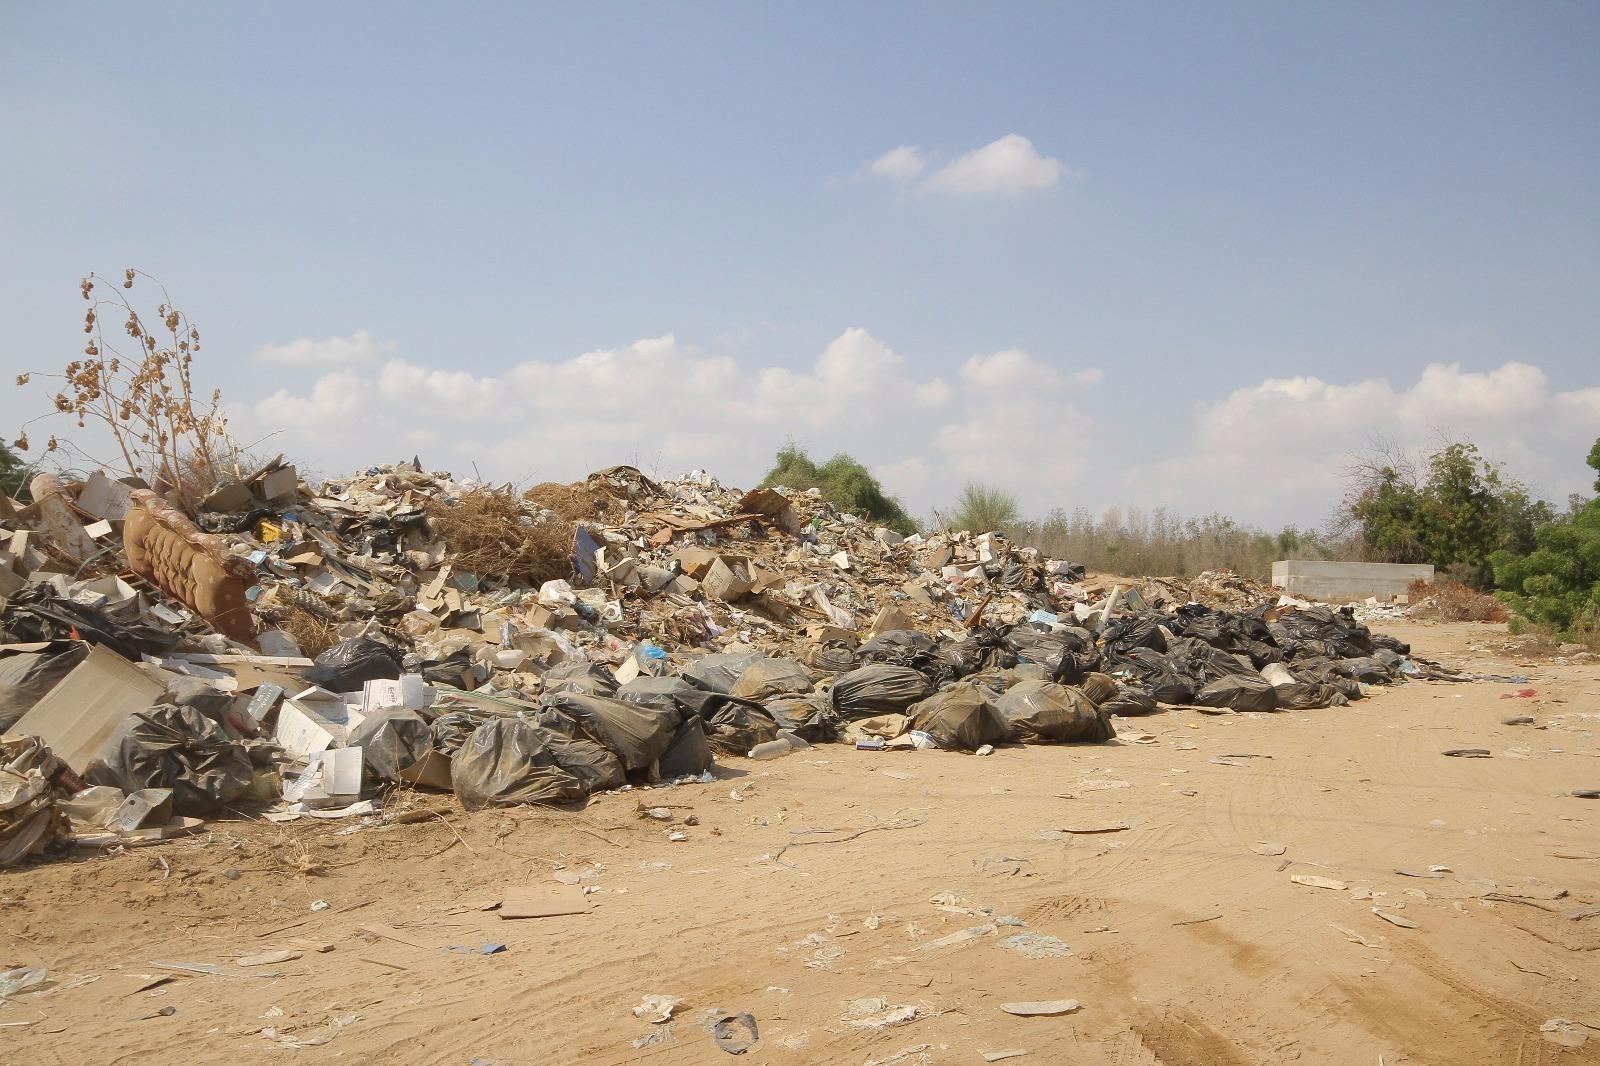 بالصور.. بلدية #القوز تُغلق 60 محلاً تجارياً مخالفاً (2)